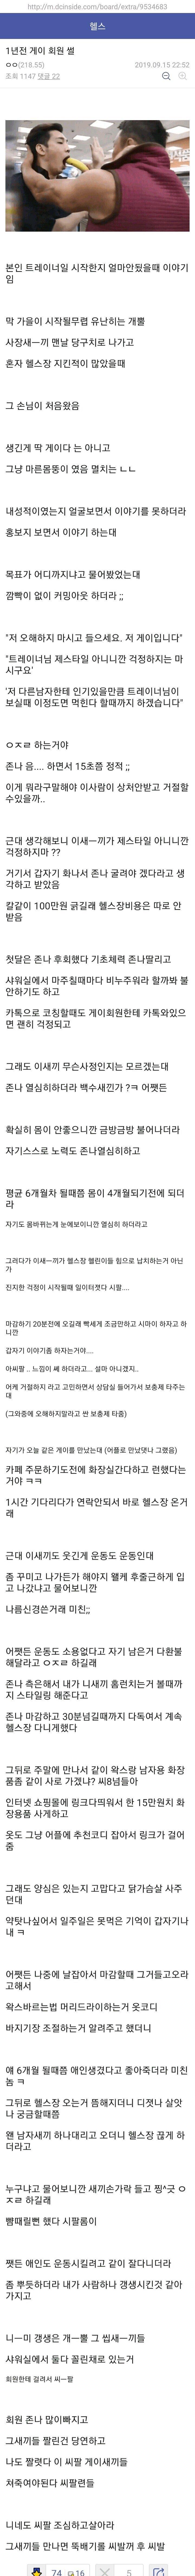 [유머] 은혜갚은 헬스장 게이썰 -  와이드섬